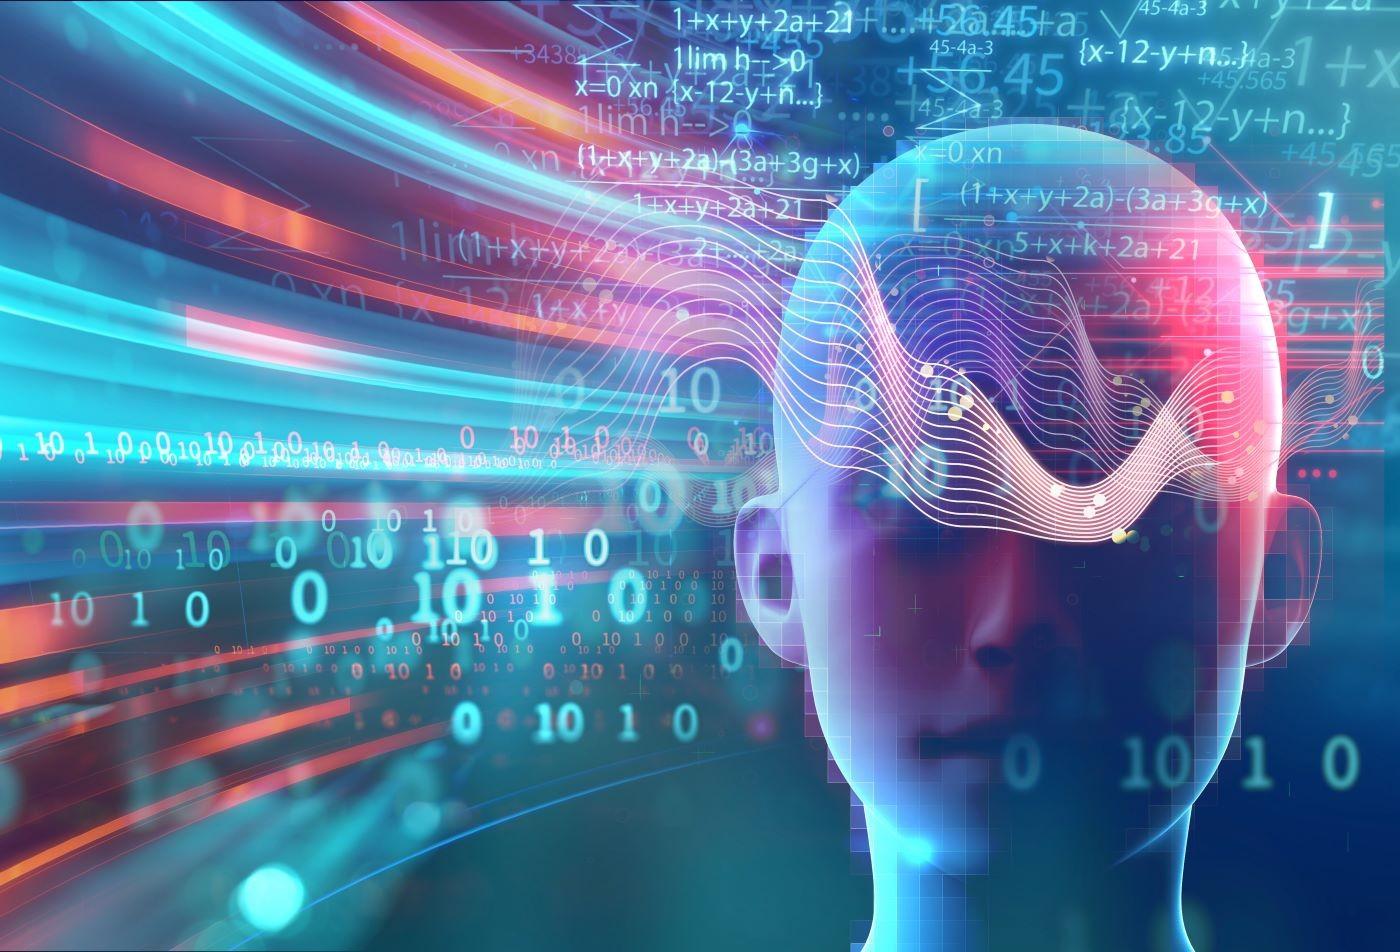 '클라우드 기반 빅데이터 분석과 AI·머신러닝 최적 활용법' 알고 싶다면?